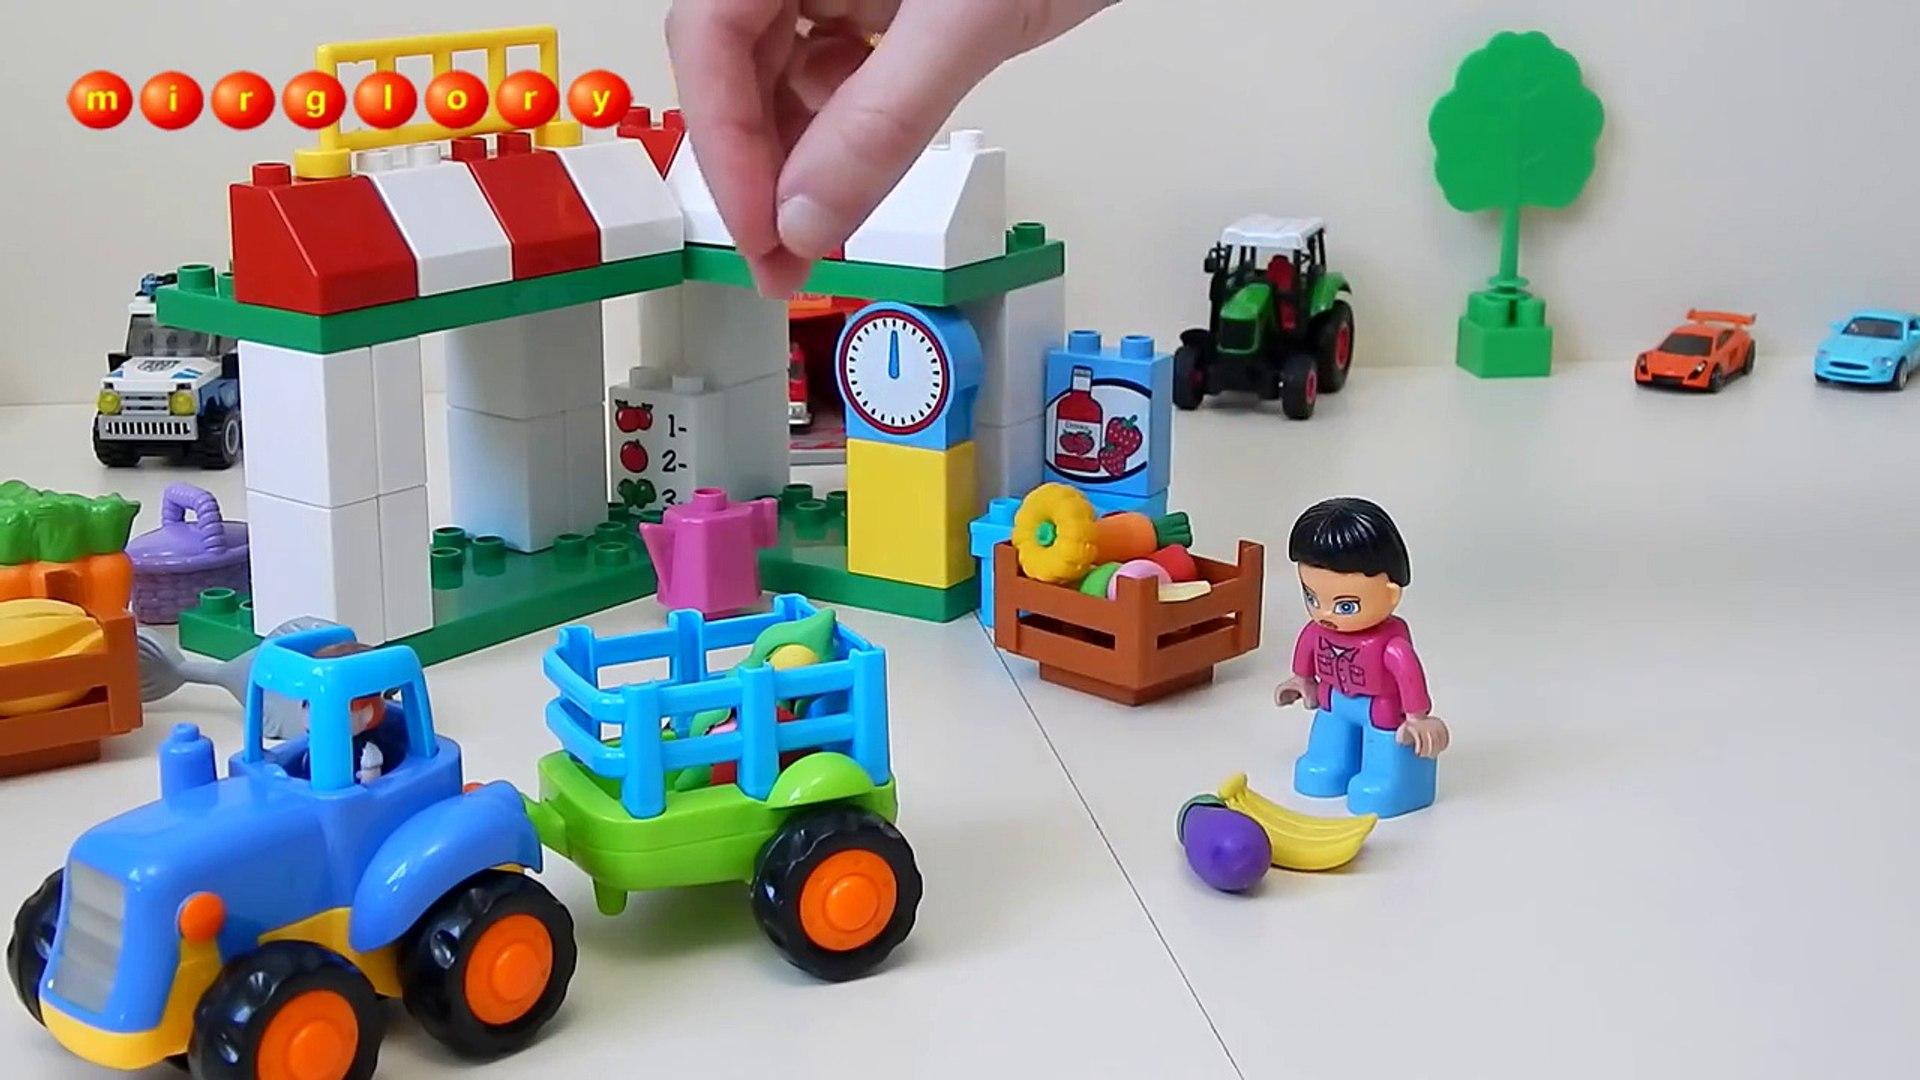 Машинки мультфильм - Учим овощи и фрукты - Город машинок - 51 серия. Развивающие мультики mirglory